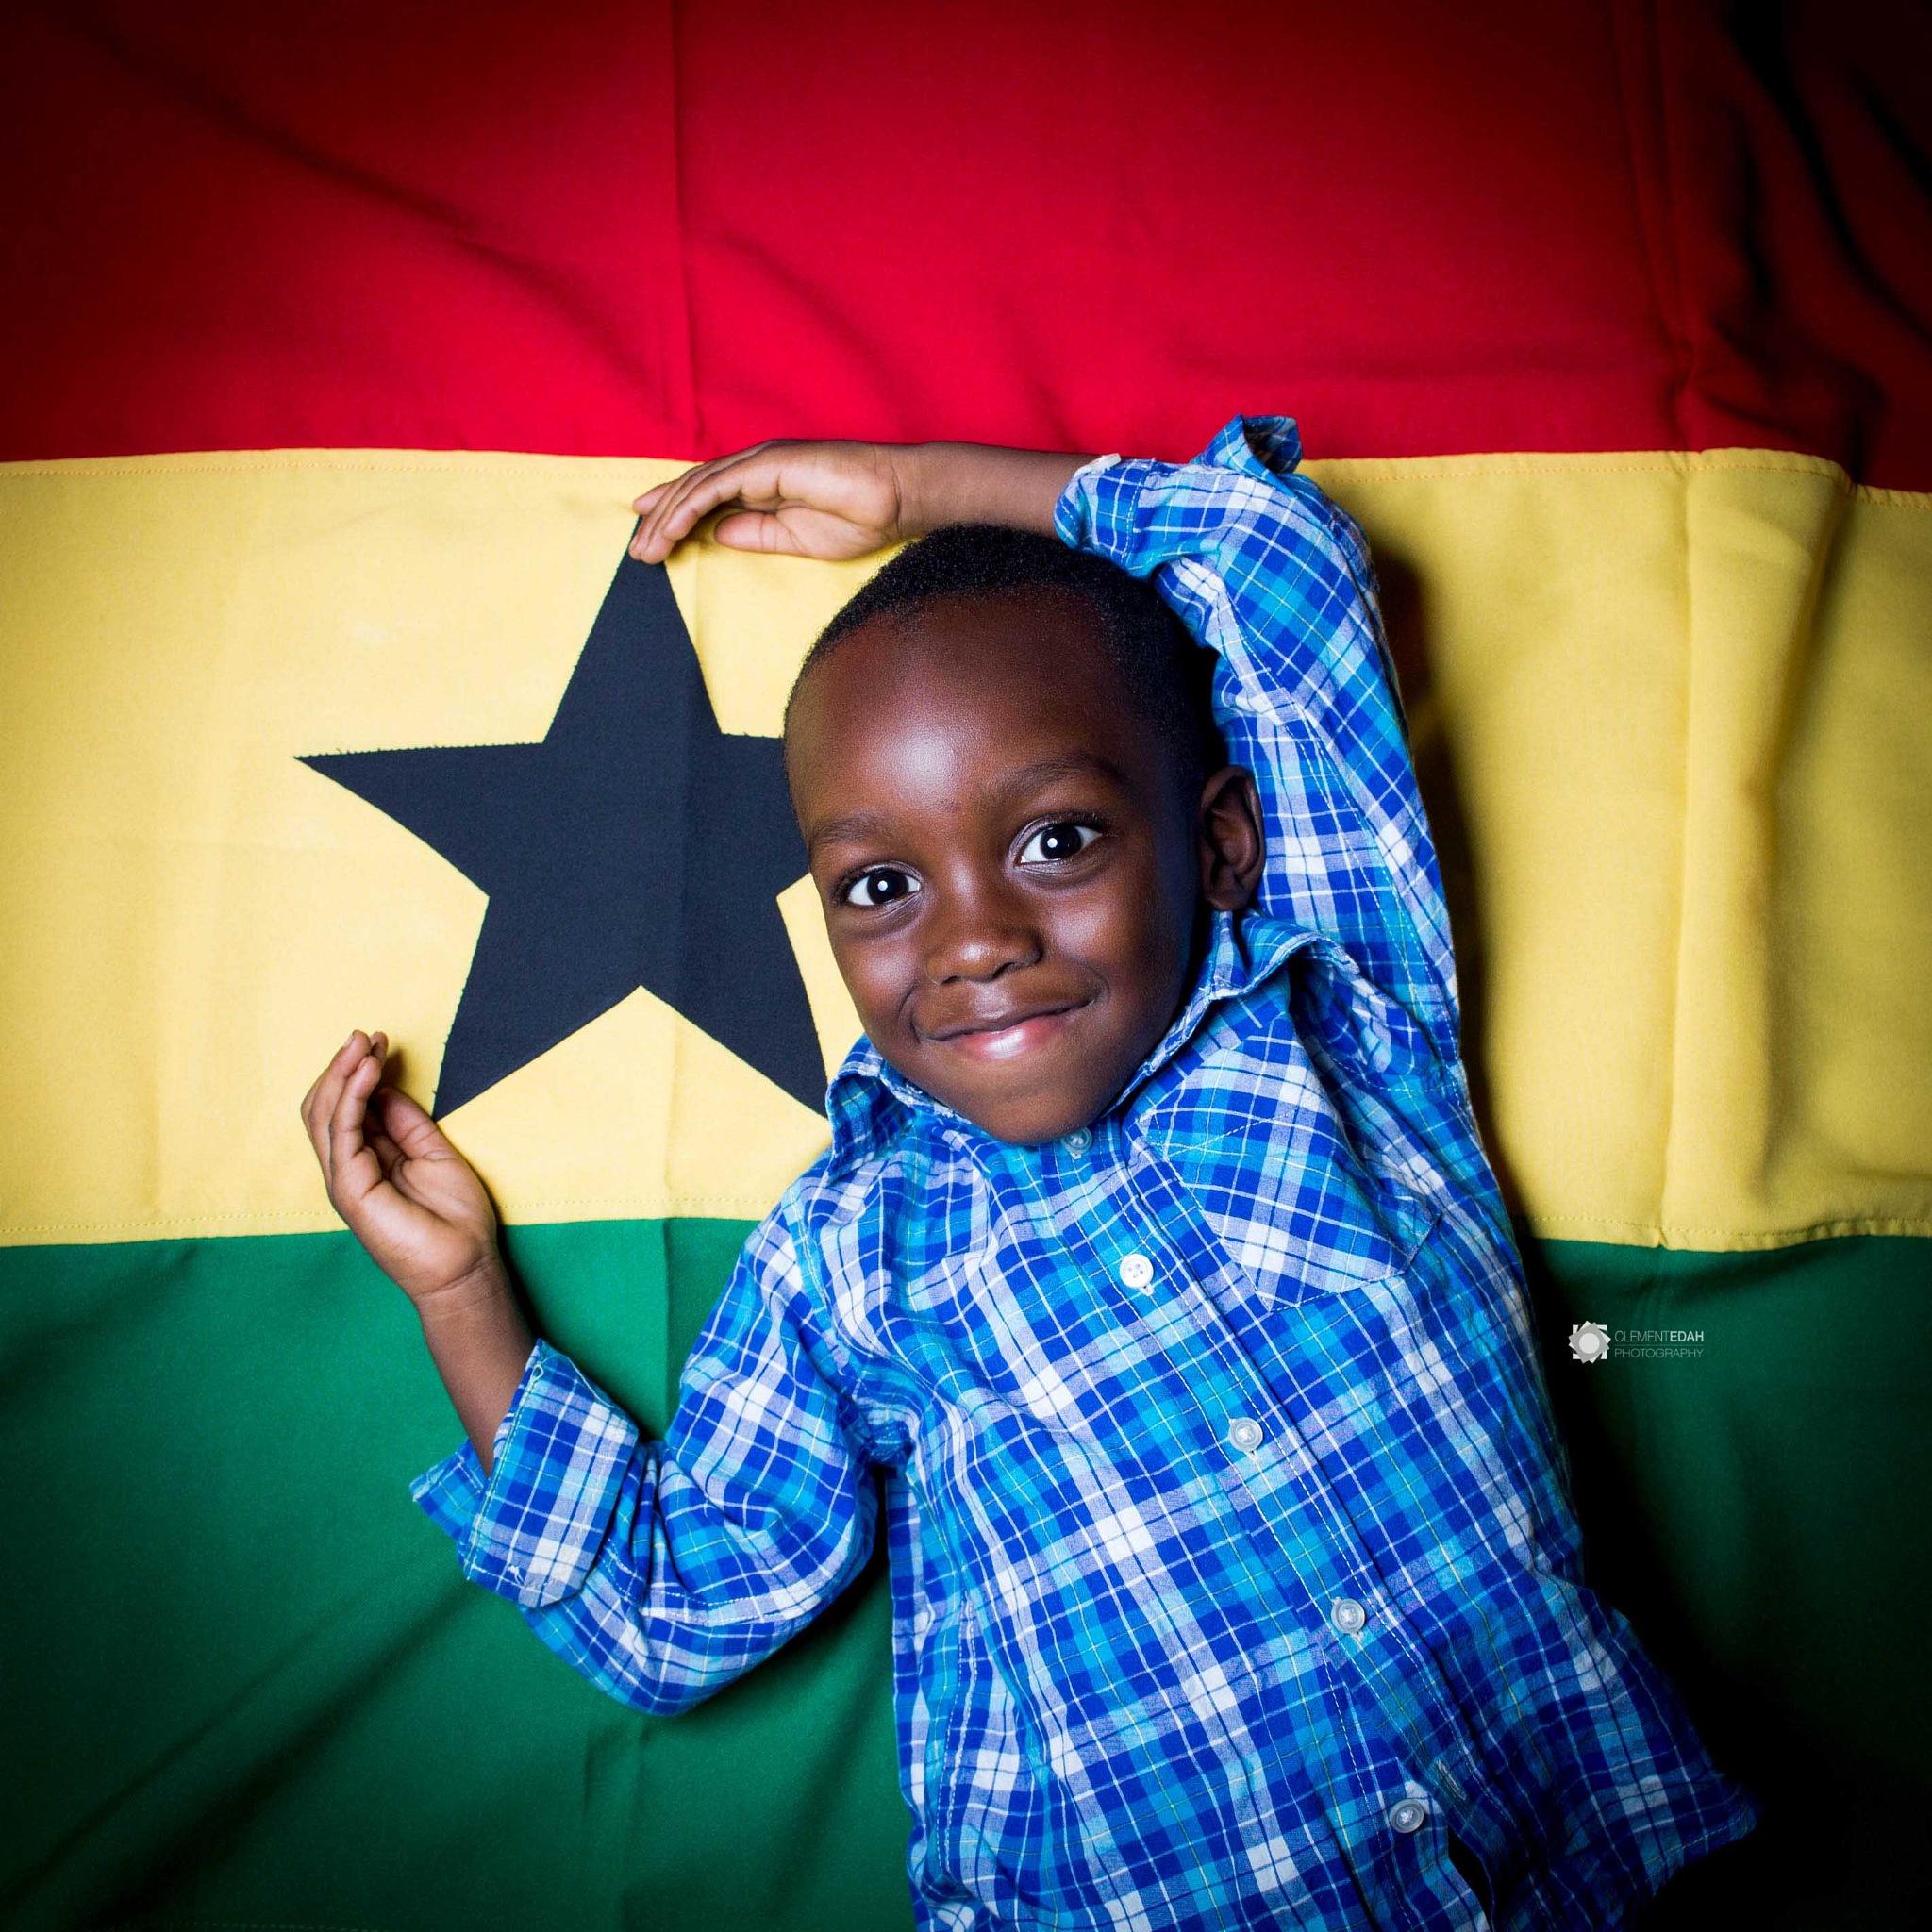 Child portrait by Clement Edah